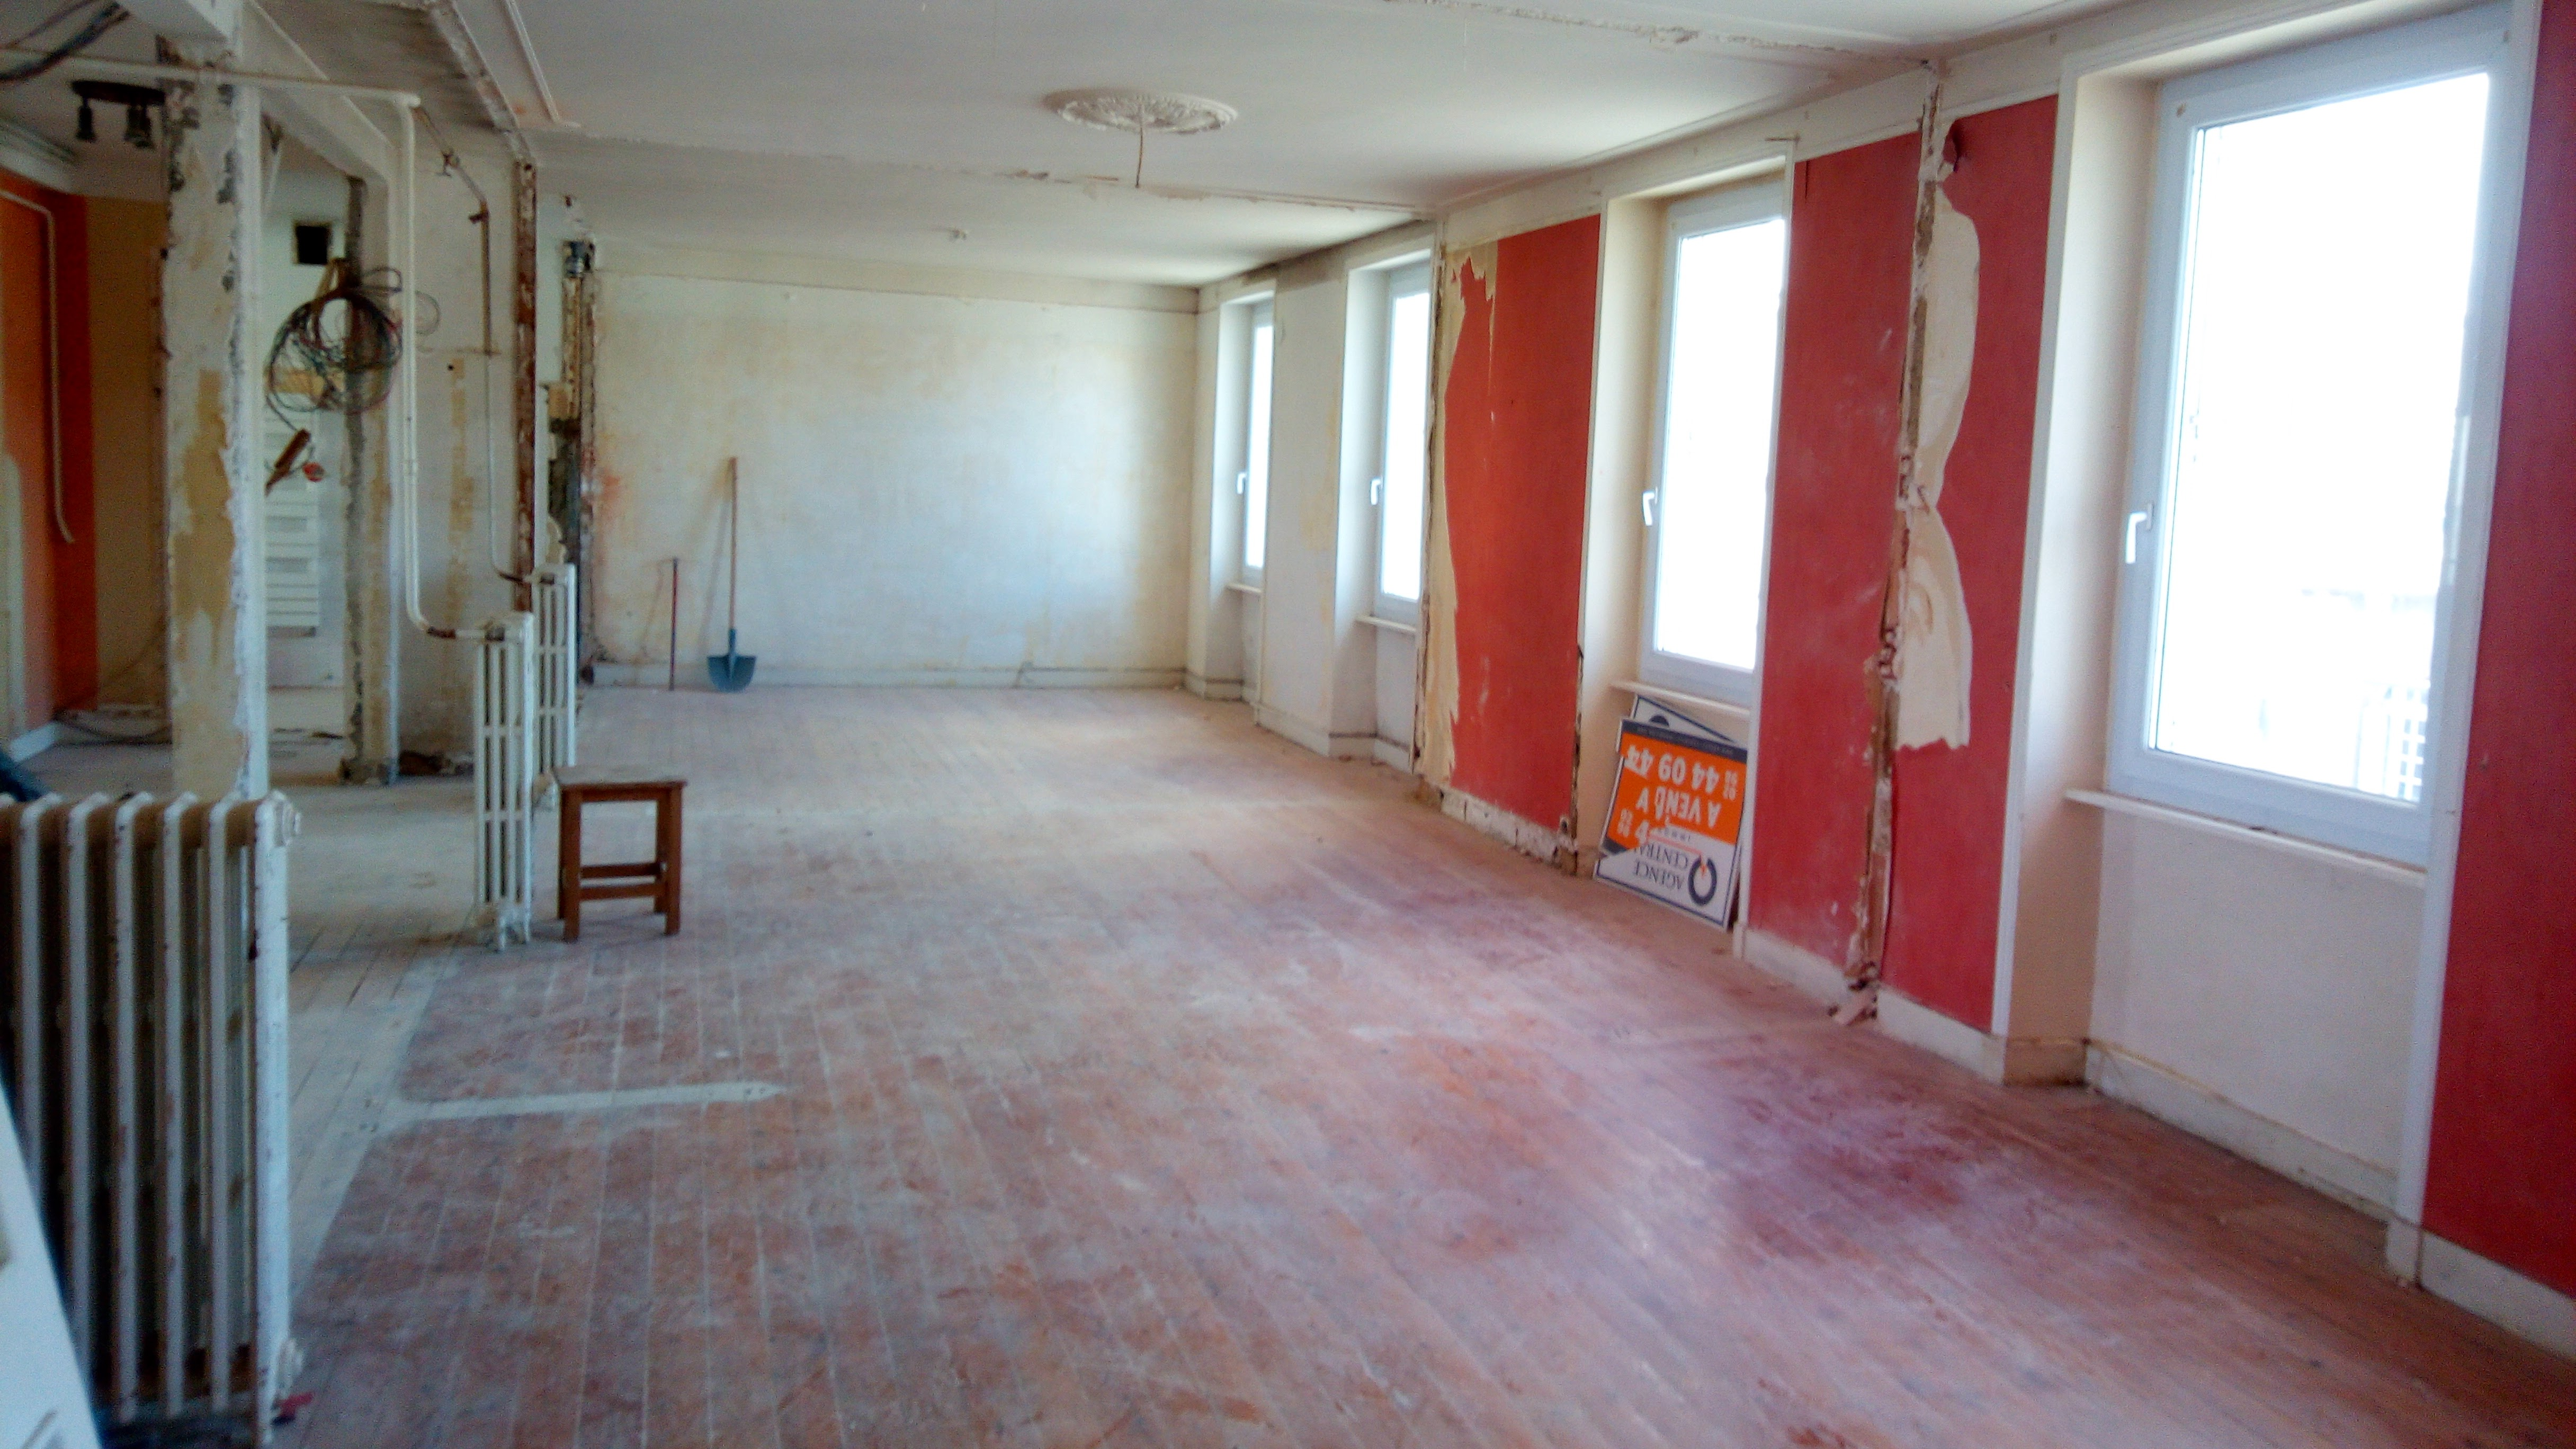 Architecte D Intérieur Brest mon projet de rénovation - pendant les travaux - rénov in 3d